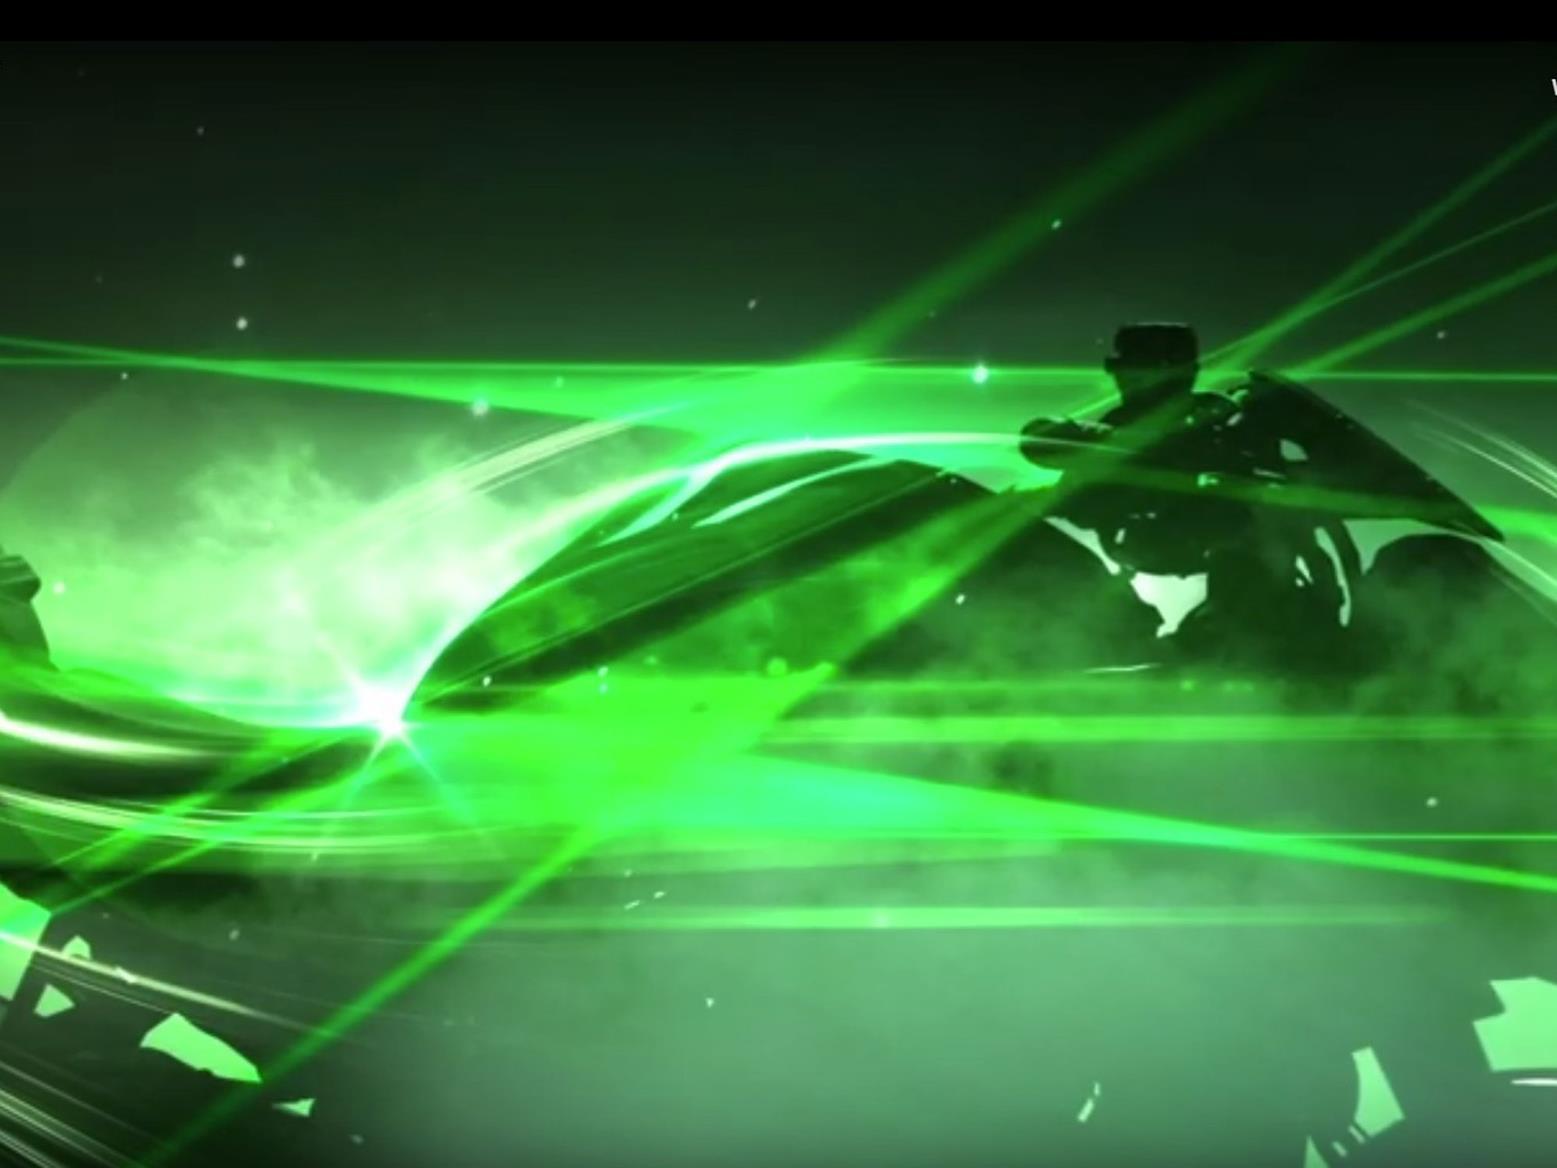 Kawasaki Z H2 silhouette